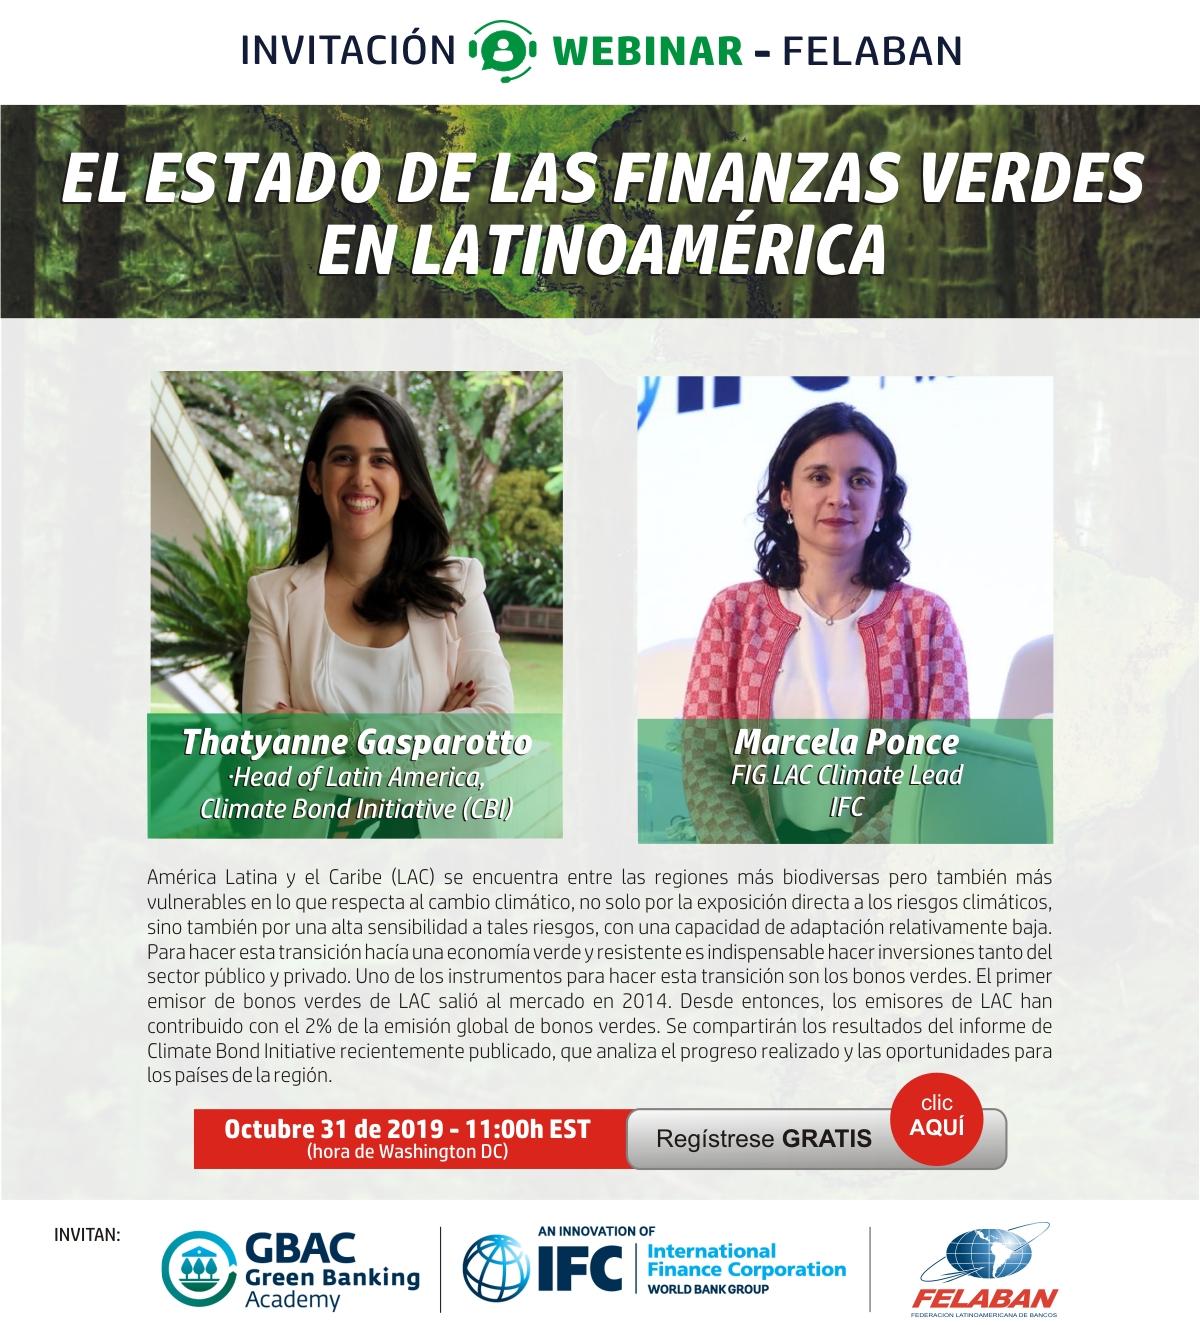 El estado de las finanzas verdes en latinoamerica